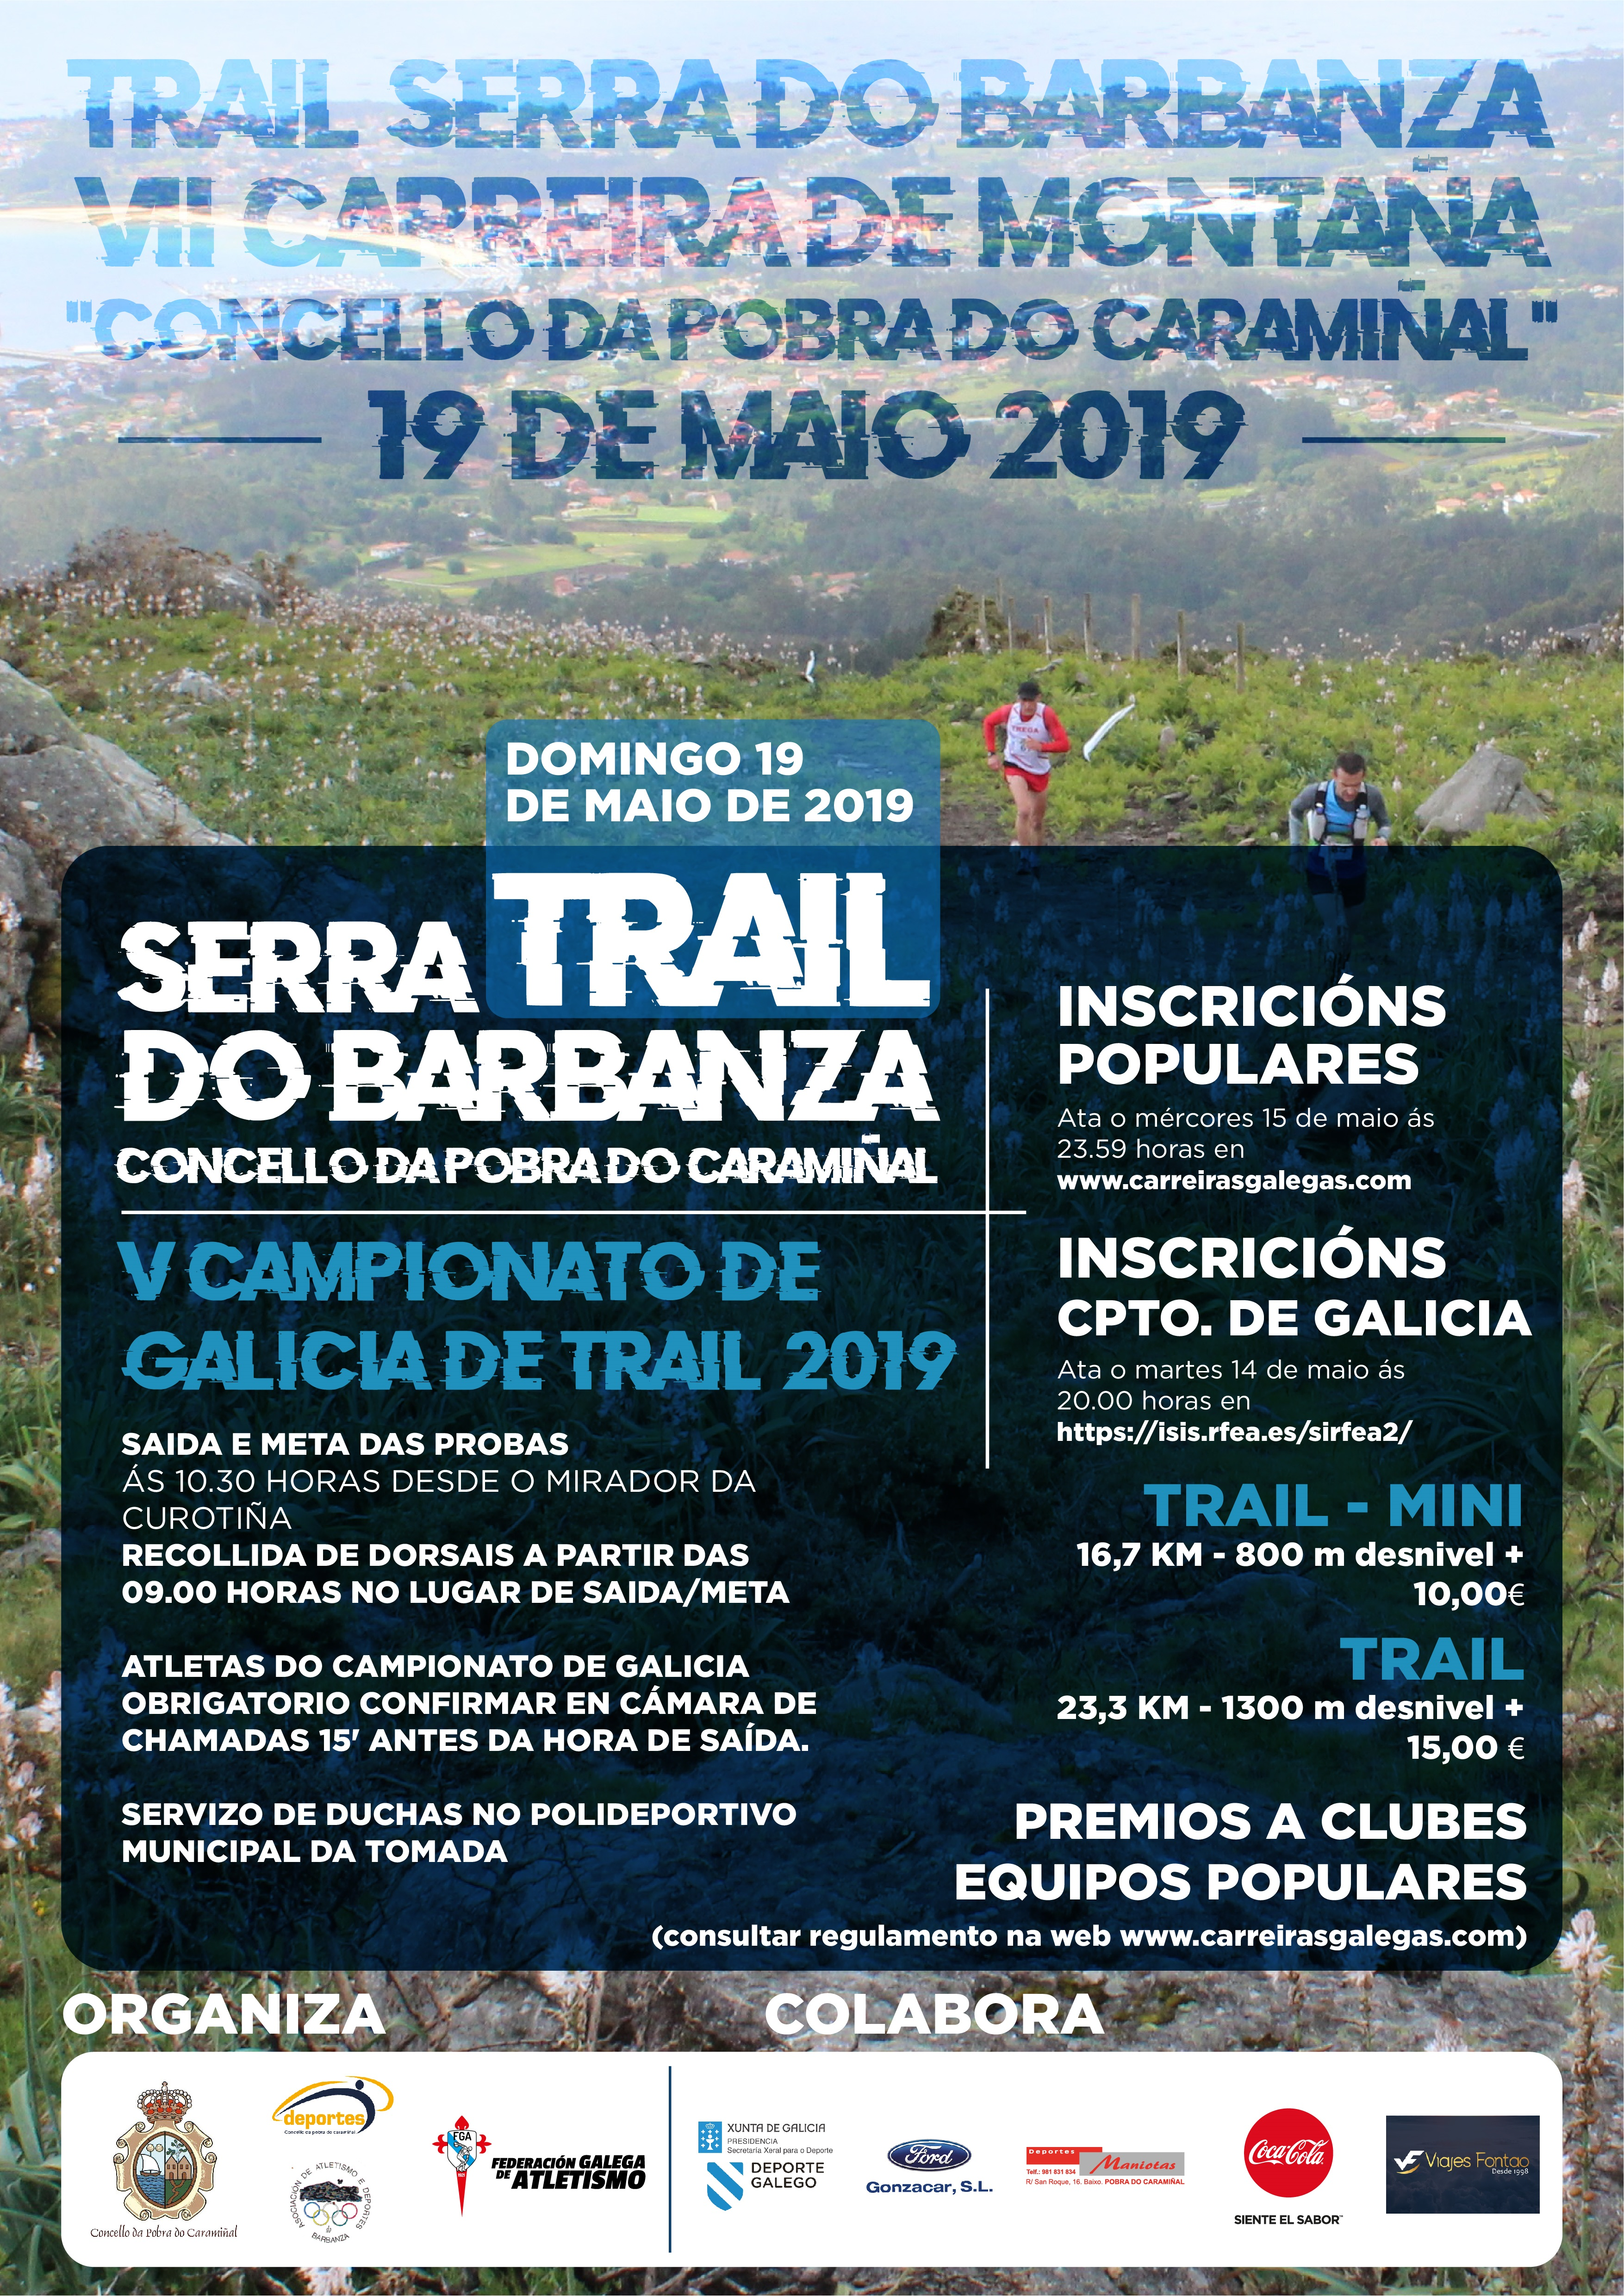 V Campionato de Galicia de Trail